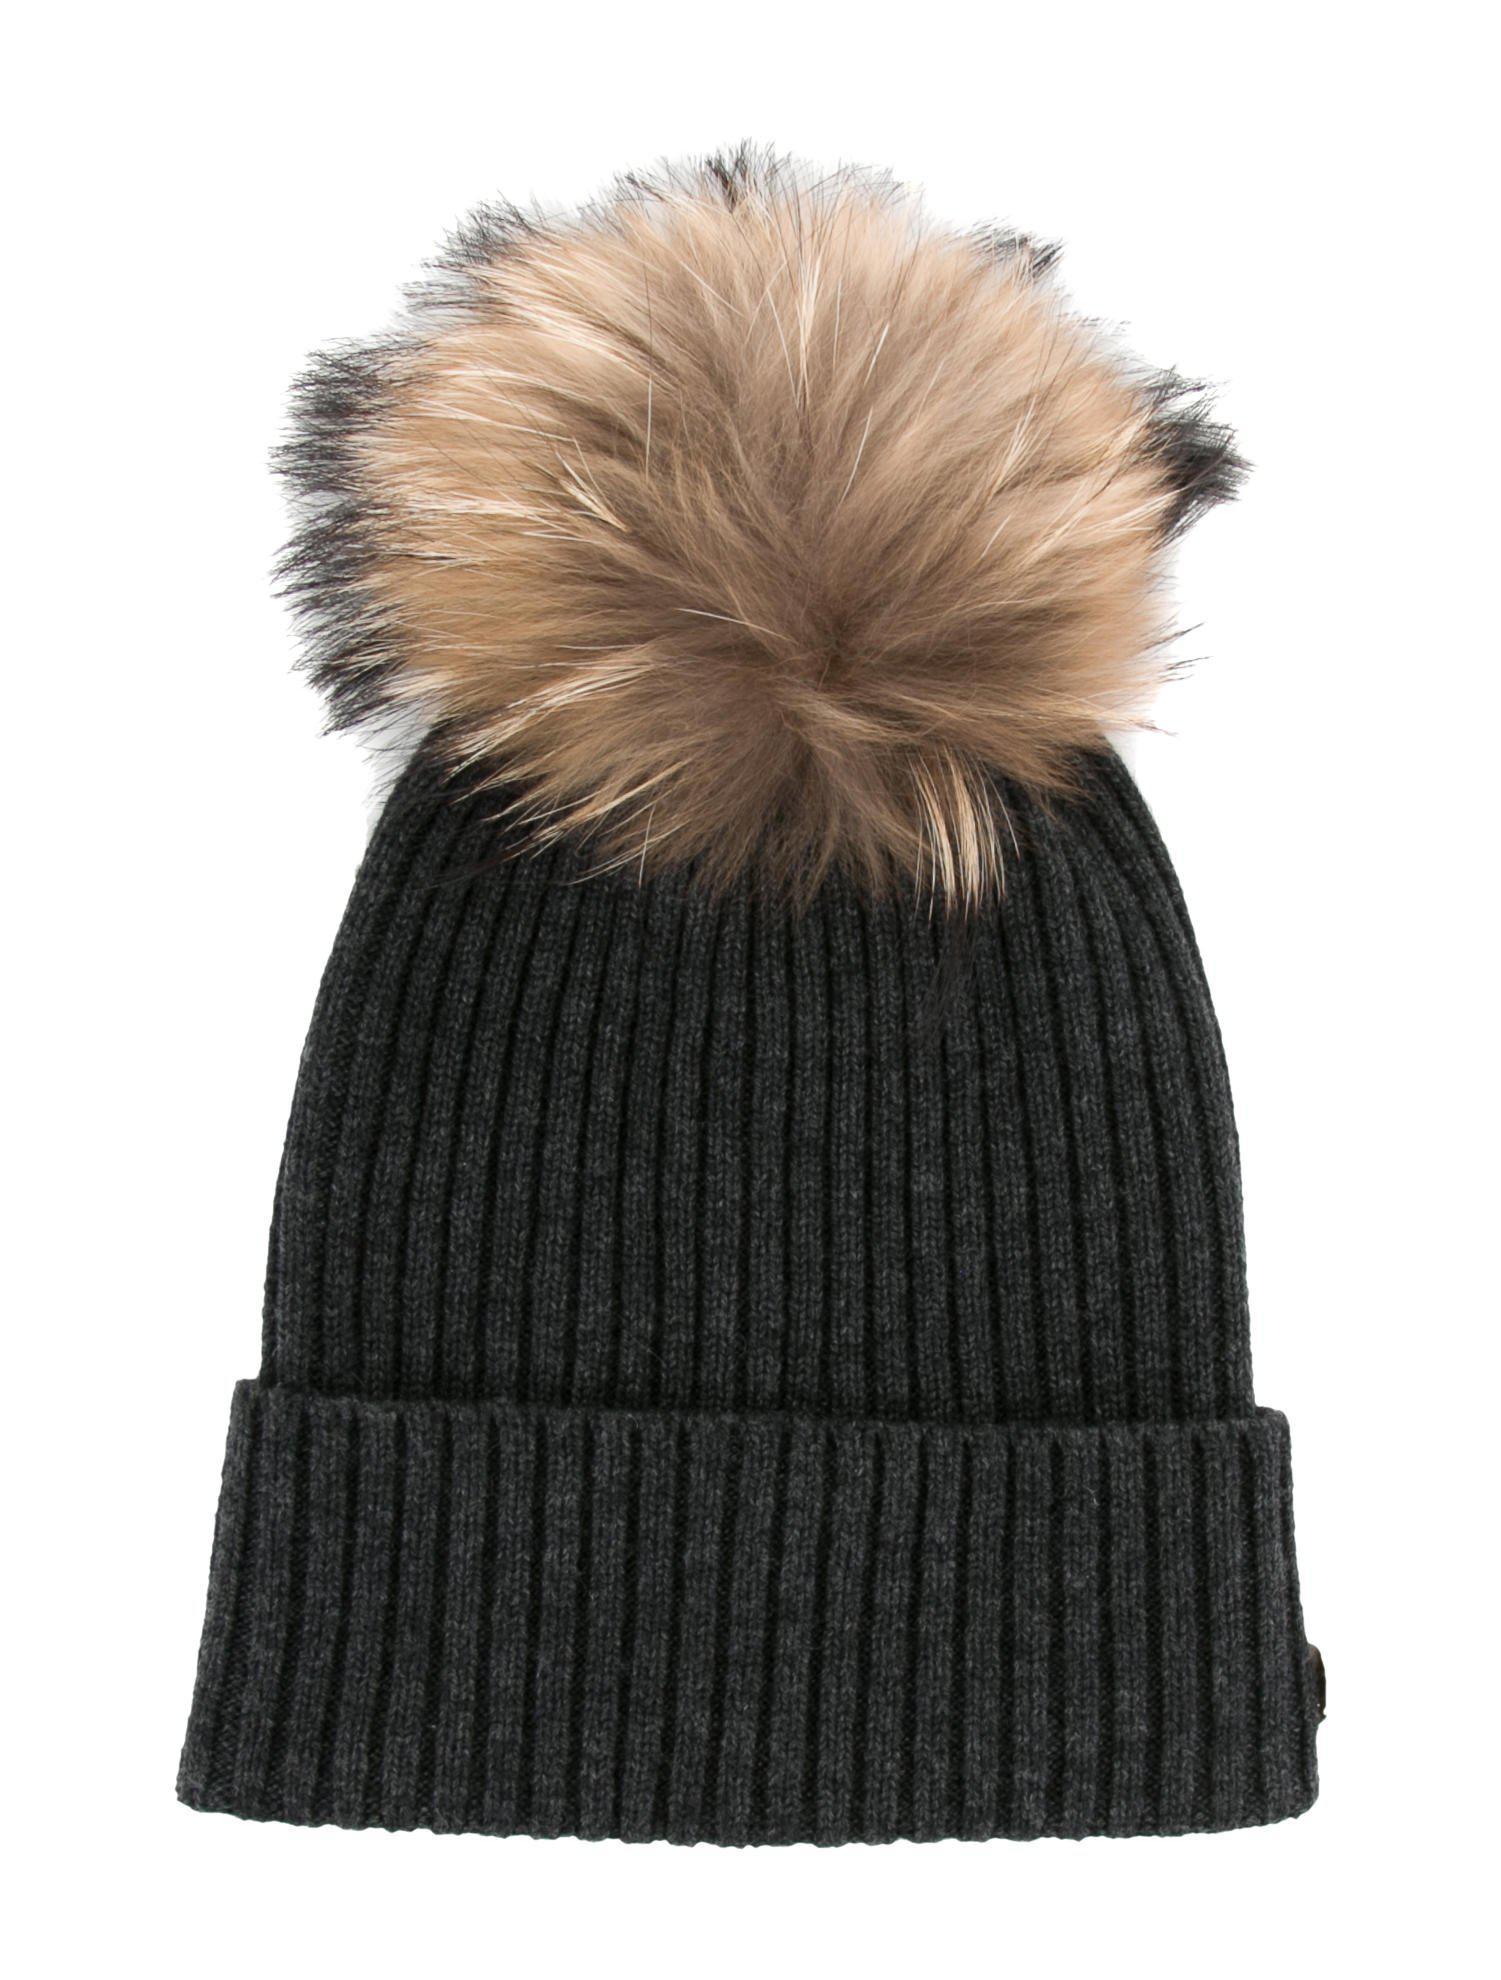 6288c808ec7 ... meet b5329 7b1e2 Yves Salomon. Womens Gray Cashmere Fur-pom Pom Beanie  ...